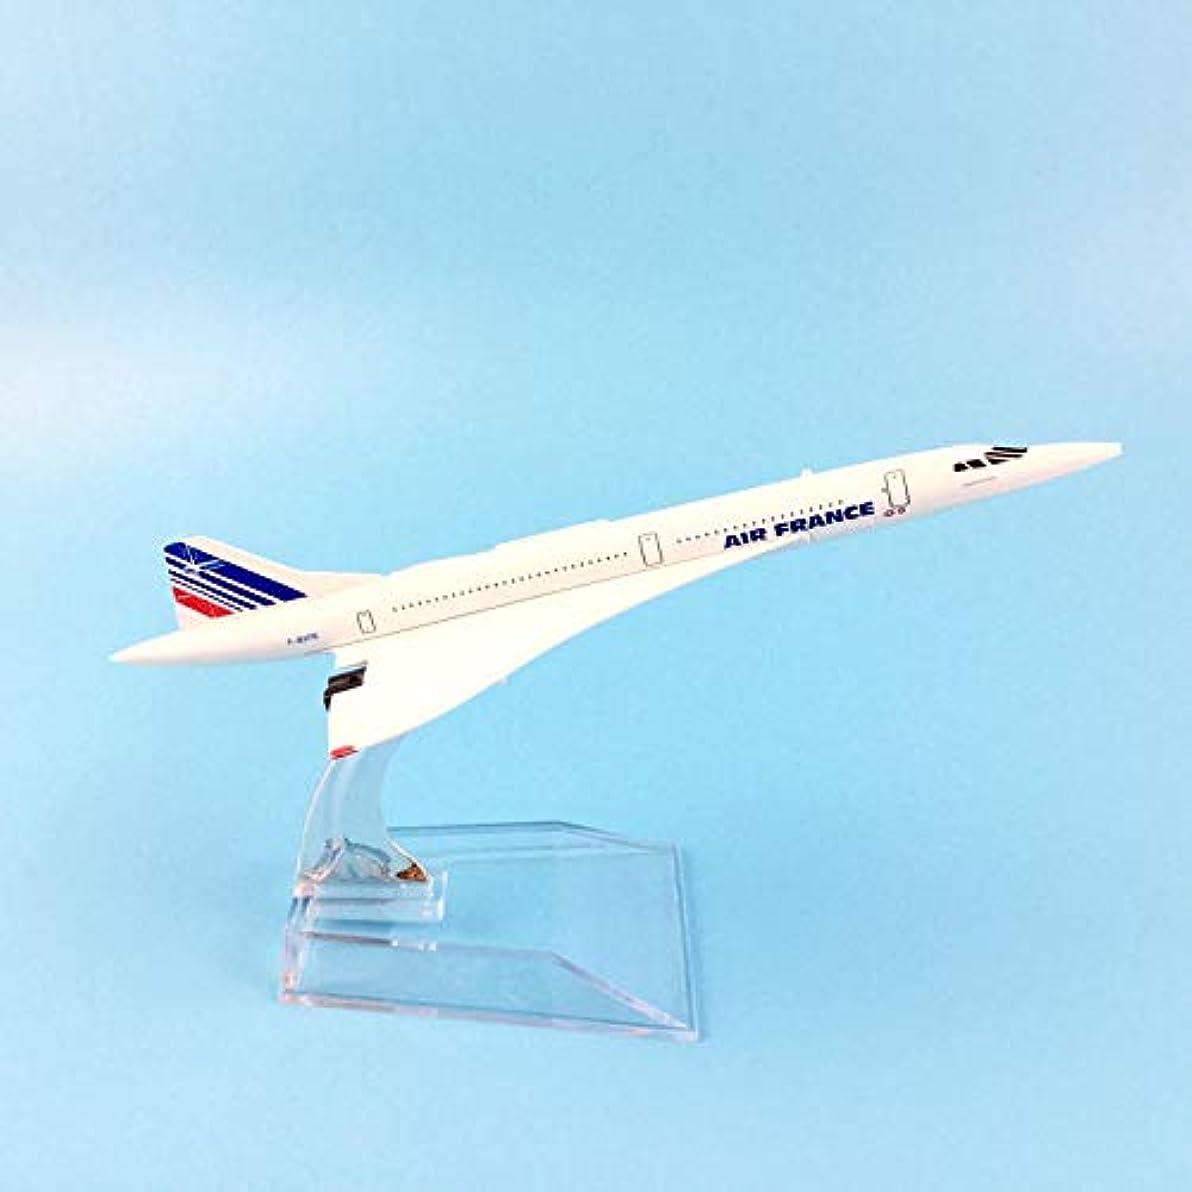 無法者騒ぎ気を散らす16cmエアフランスコンコルドモデルダイキャスト金属飛行機1:400飛行機のおもちゃ